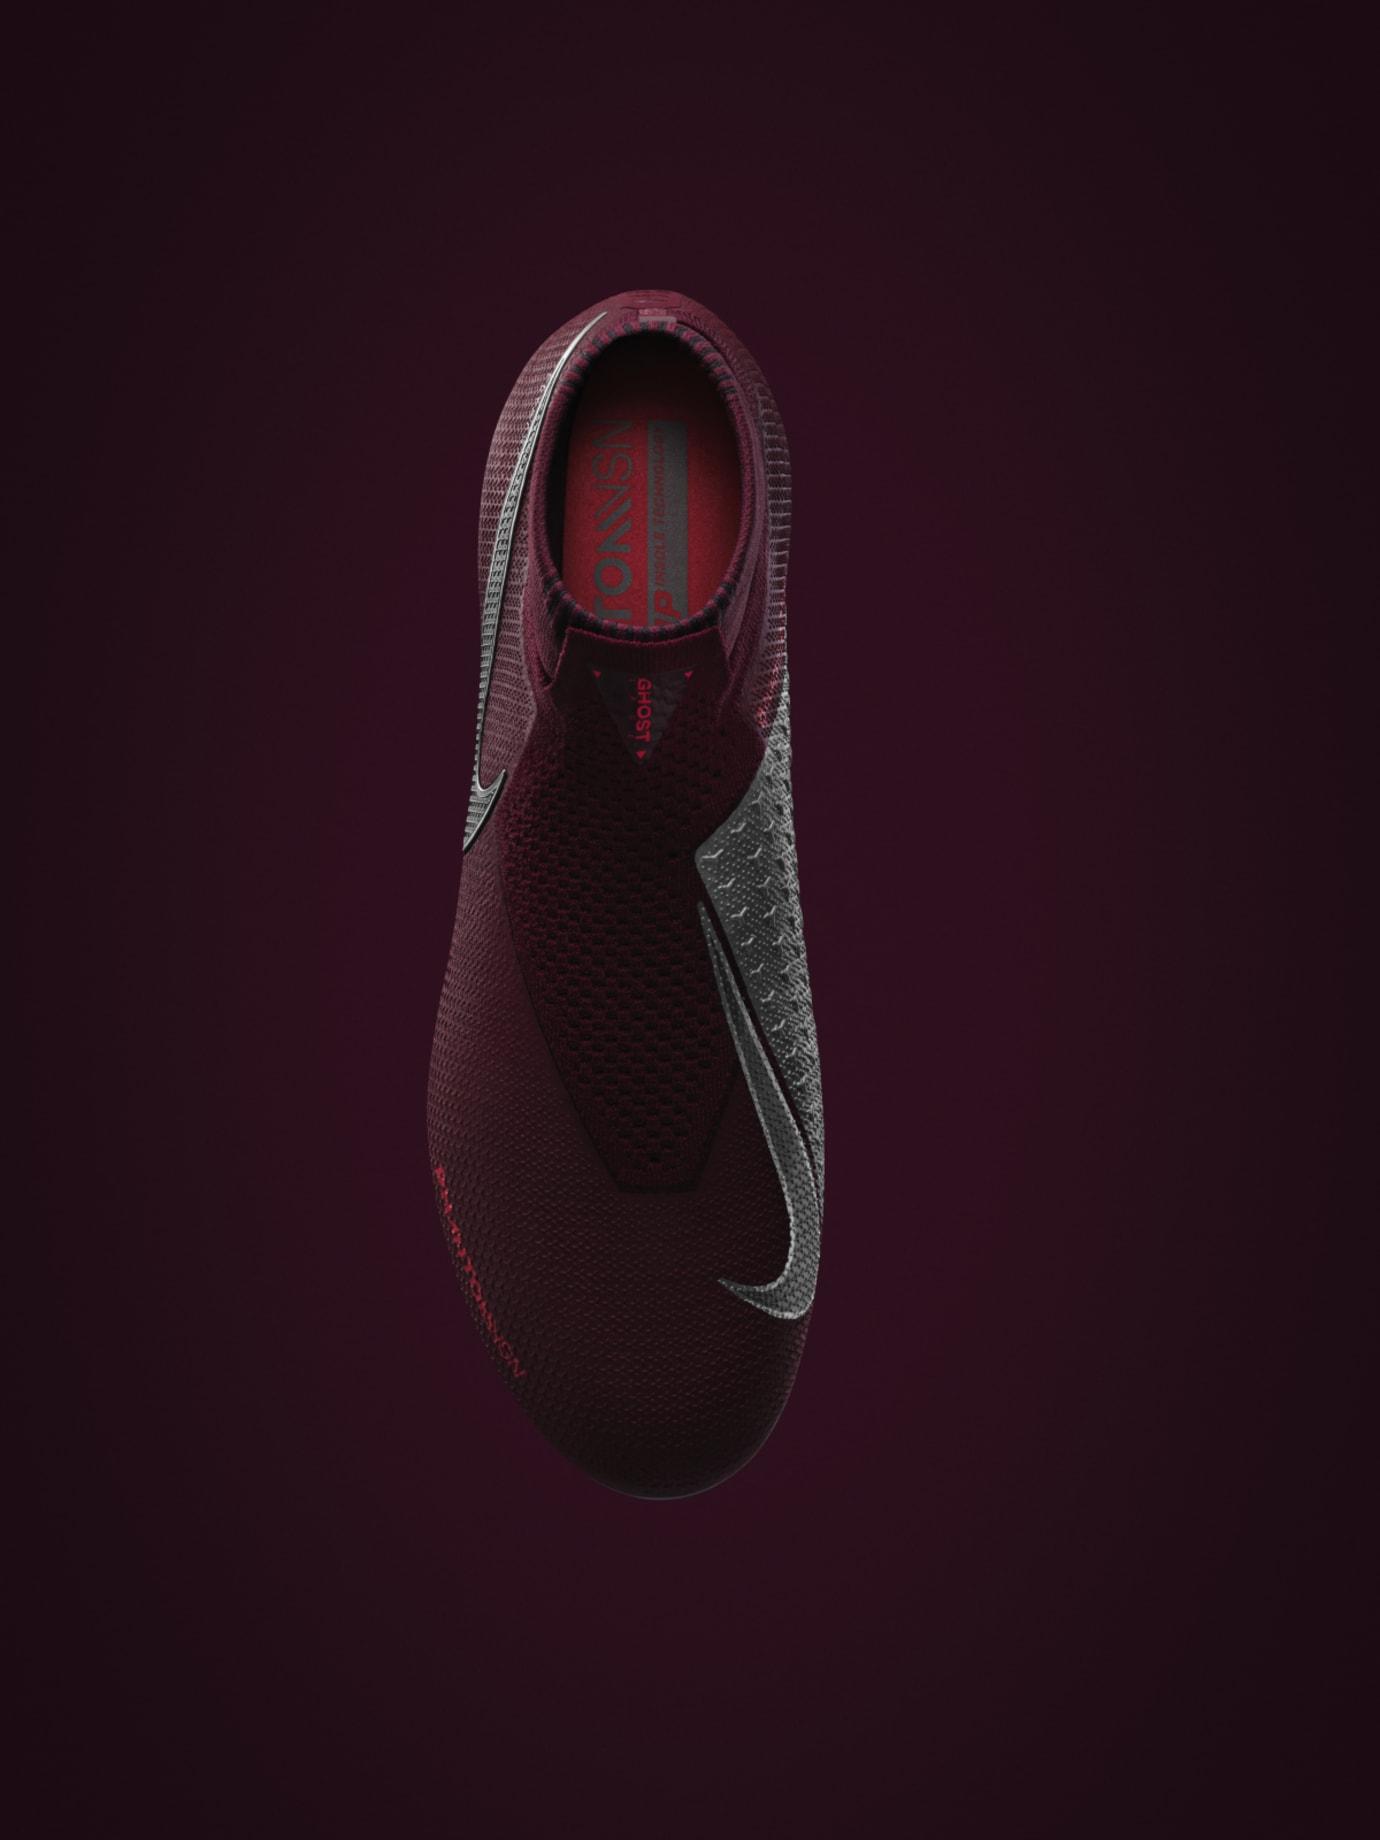 Nike PhantomVSN (Top)